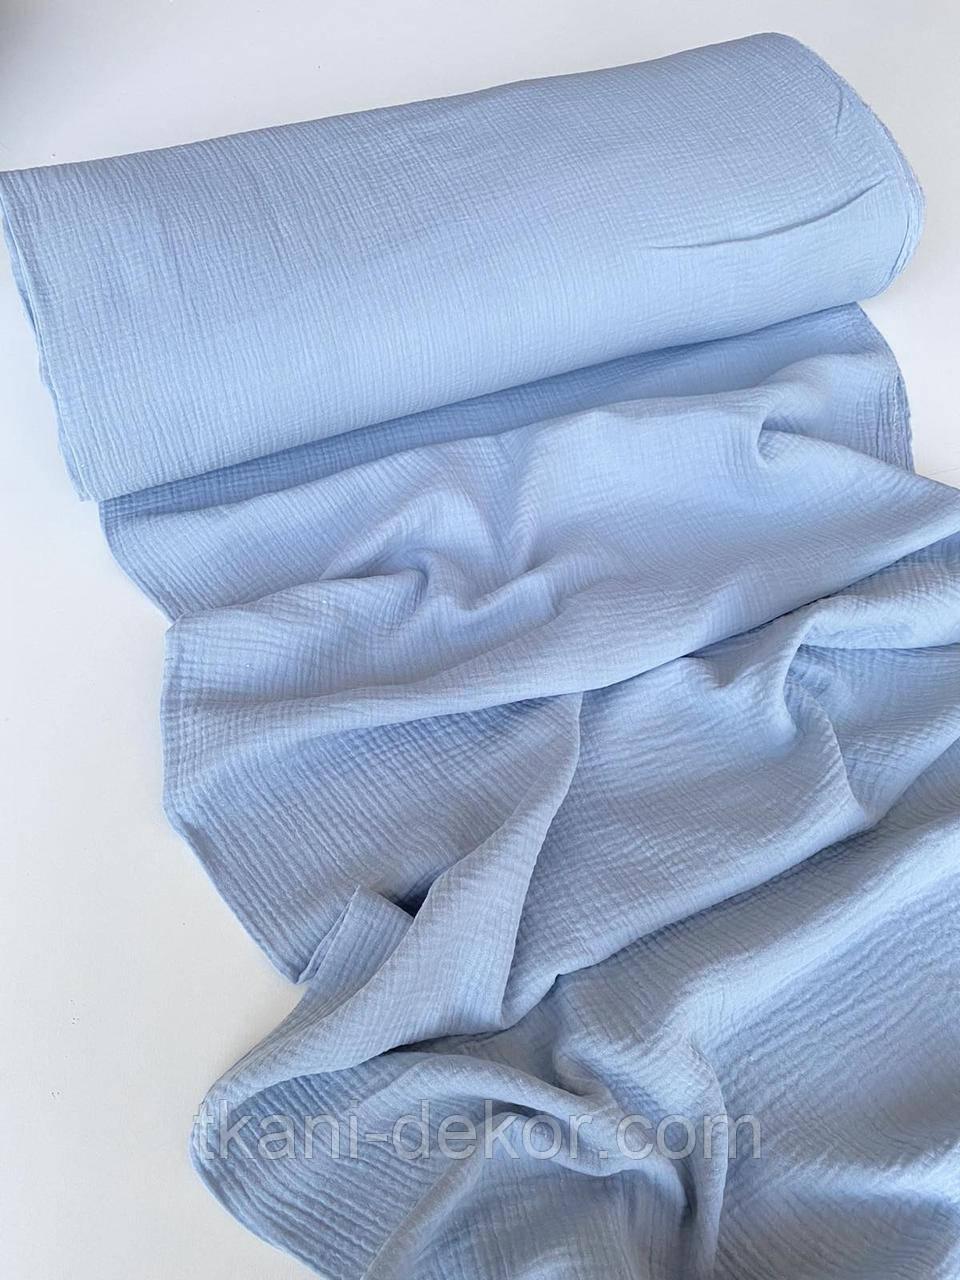 Муслін (бавовняна тканина) жатка джинс блакитний (ширина 1,35 м)